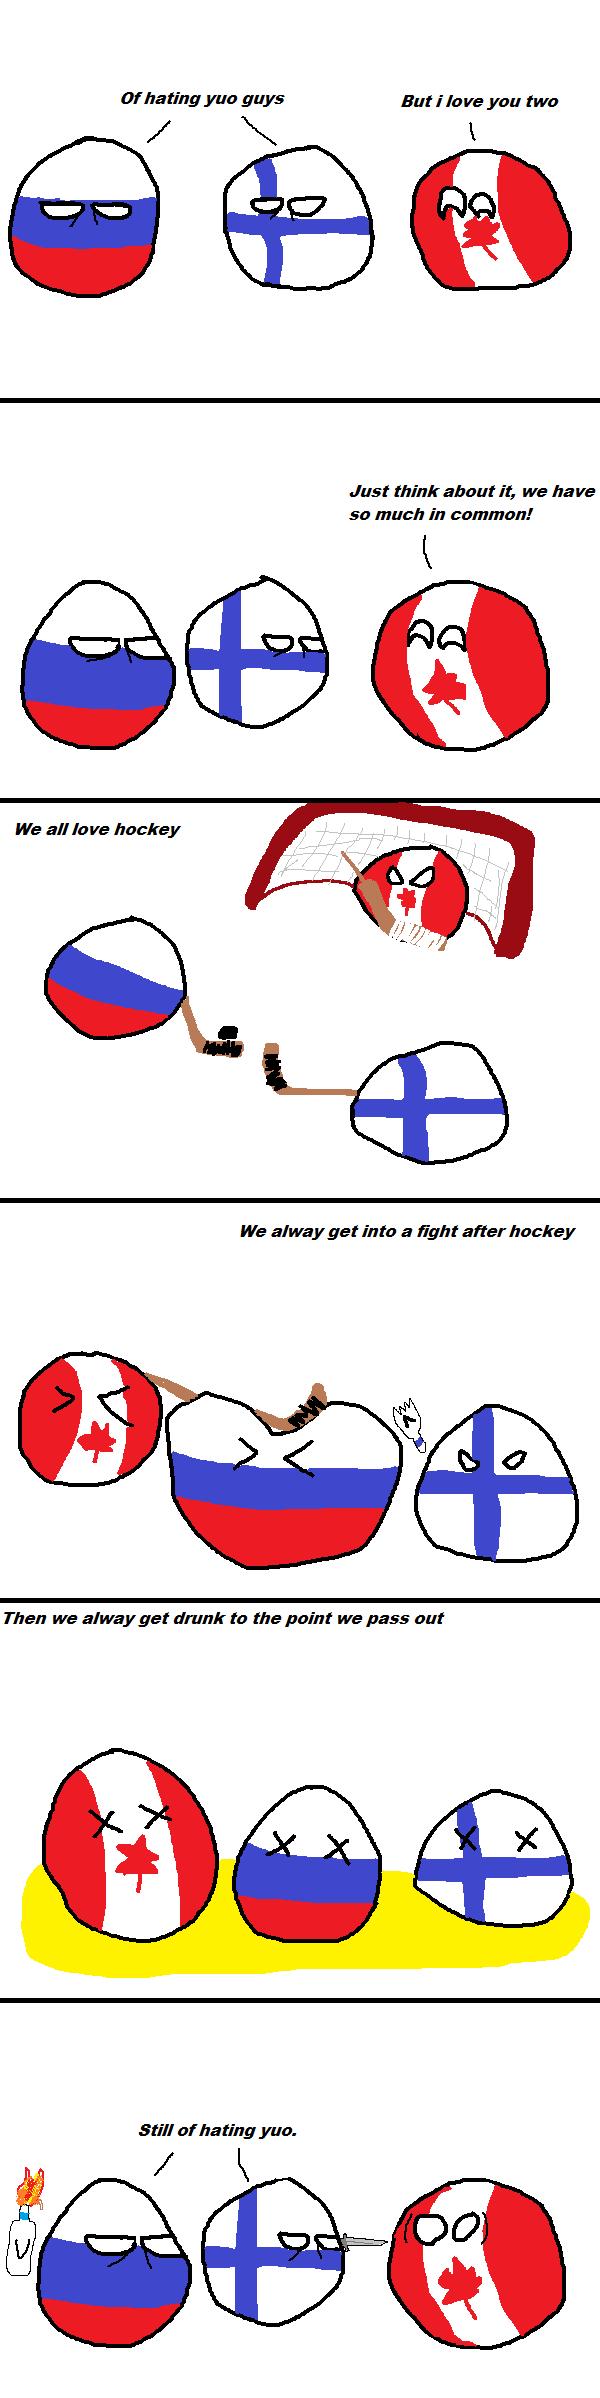 Canada can't find true friend